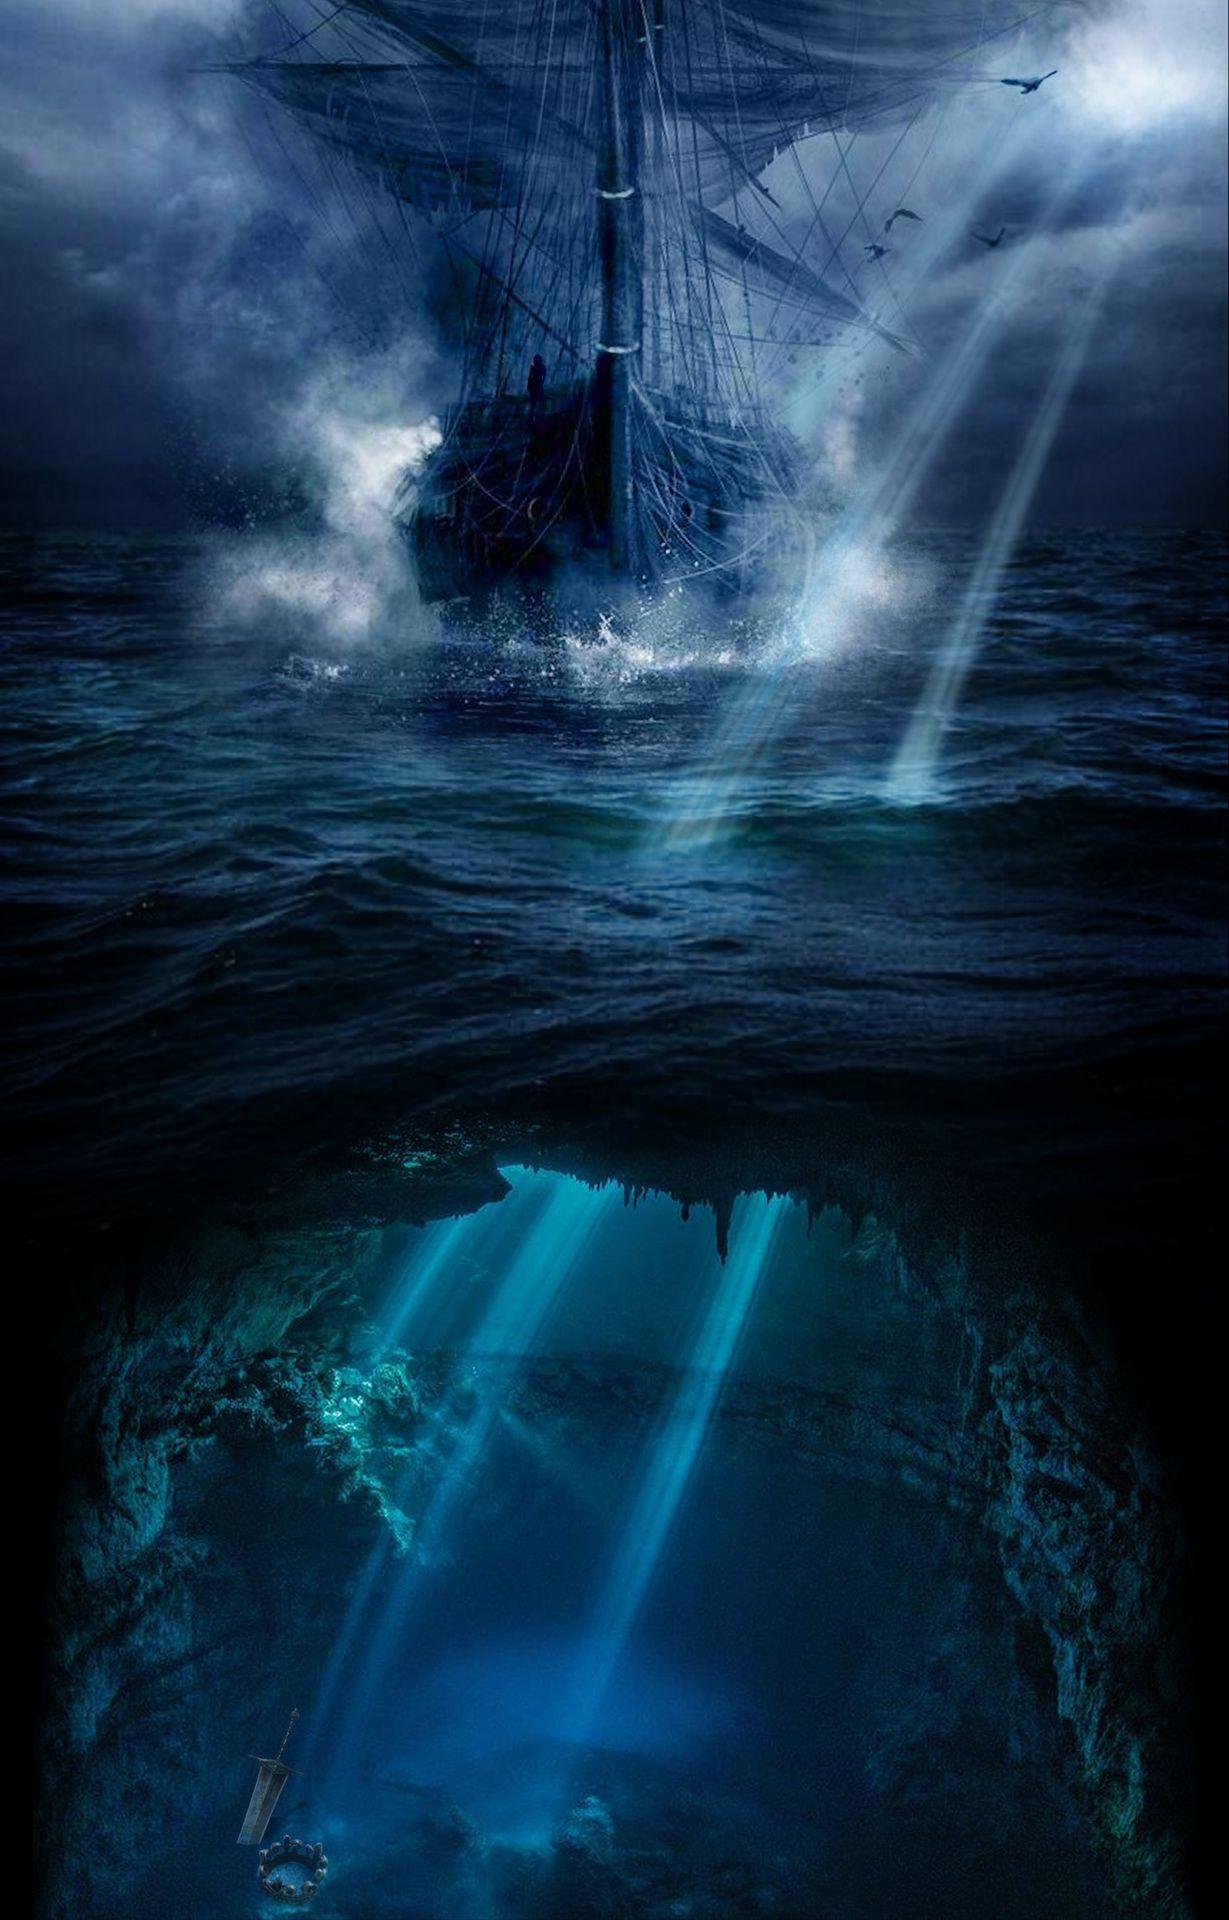 En ook een panterloze versie (want waarom zou die eigenlijk onder water zitten?):